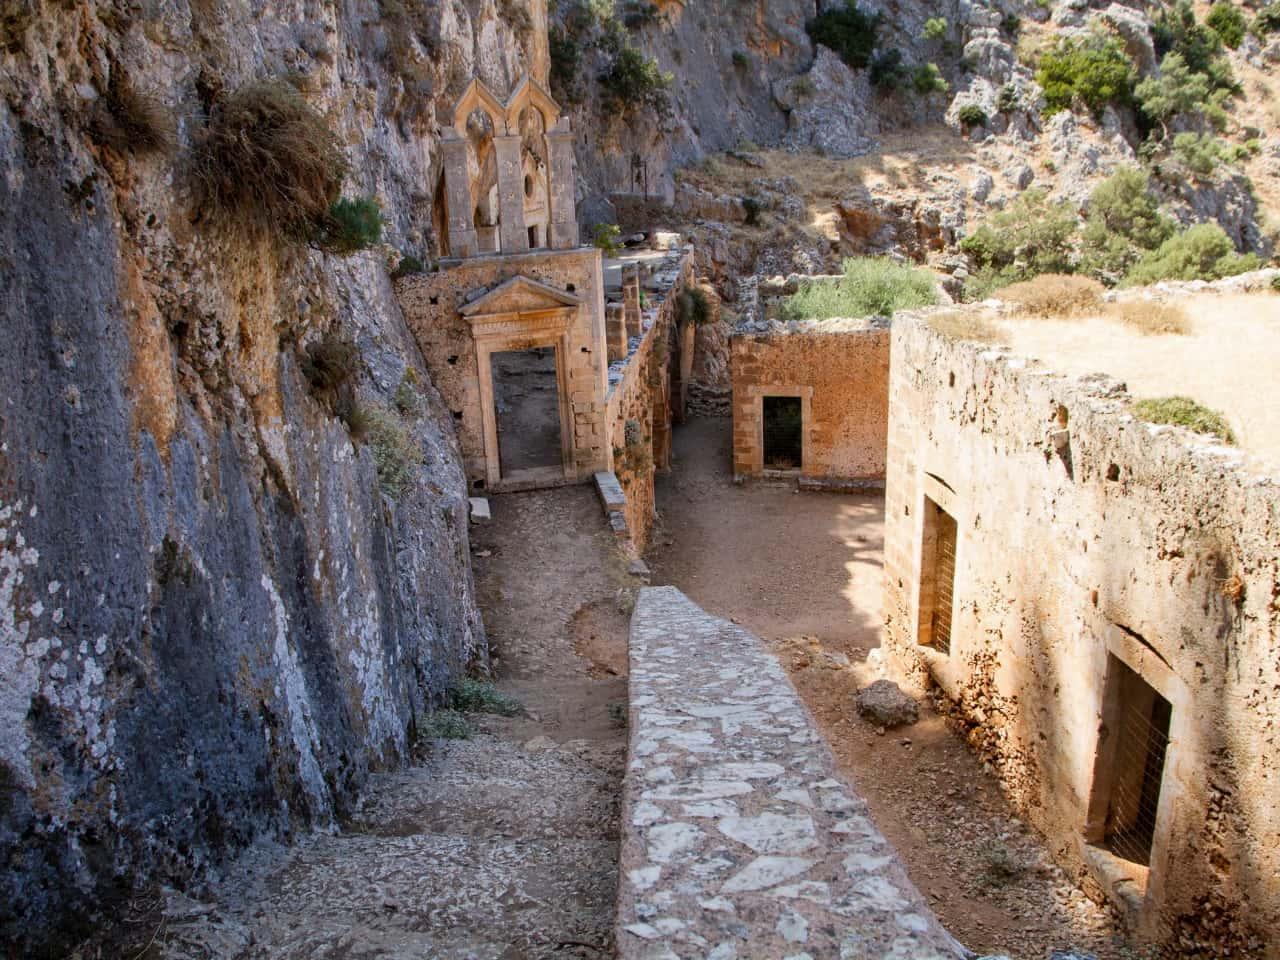 The deserted Katholiko Monastery